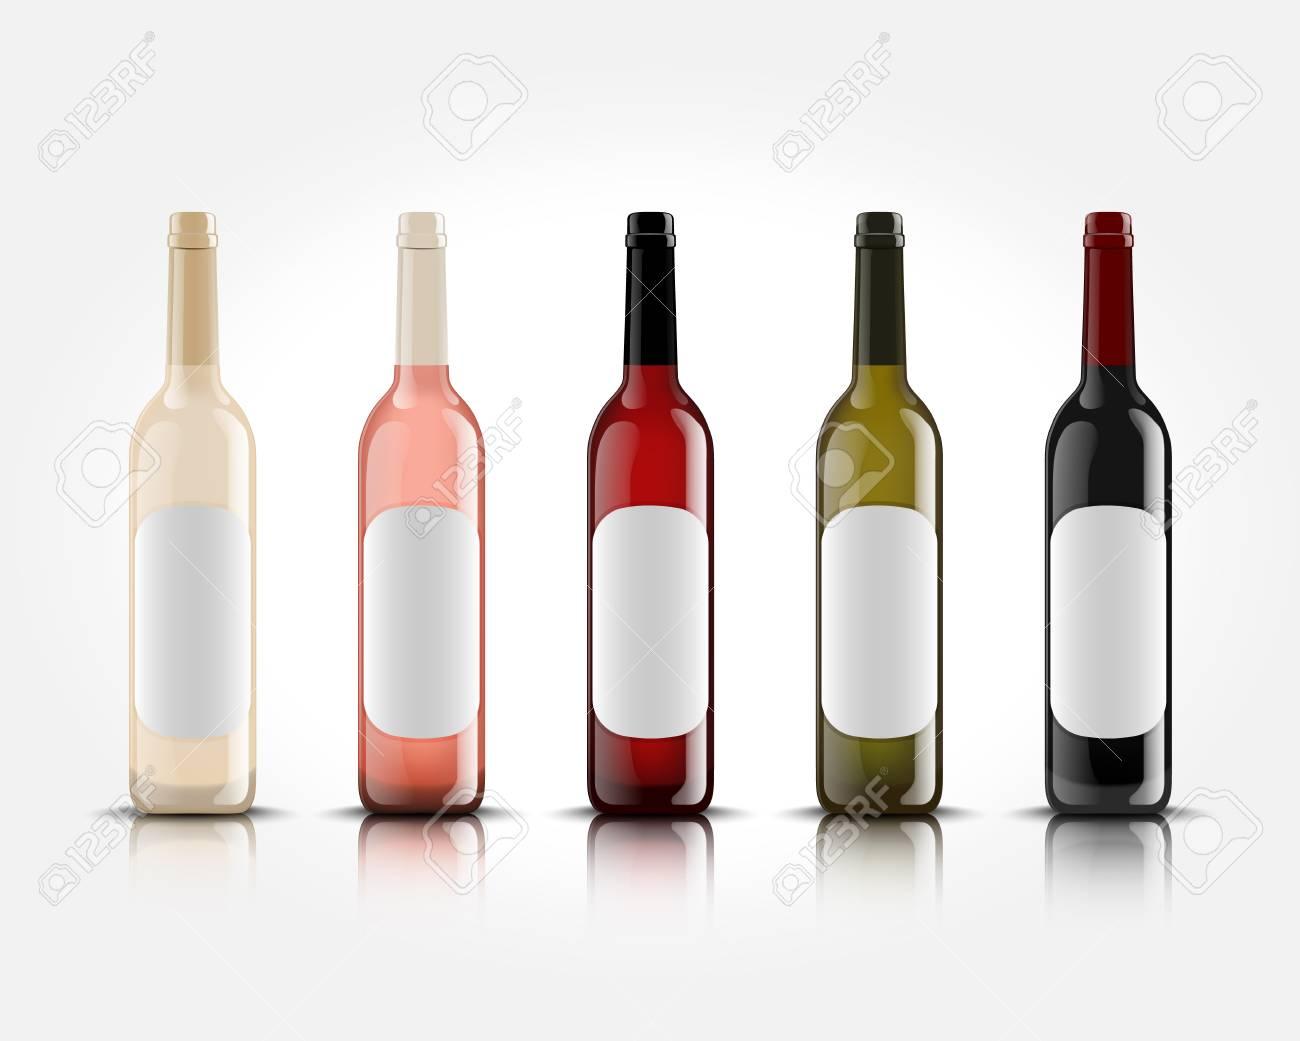 Großzügig Wein Flaschen Aufkleber Schablone Ideen - FORTSETZUNG ...